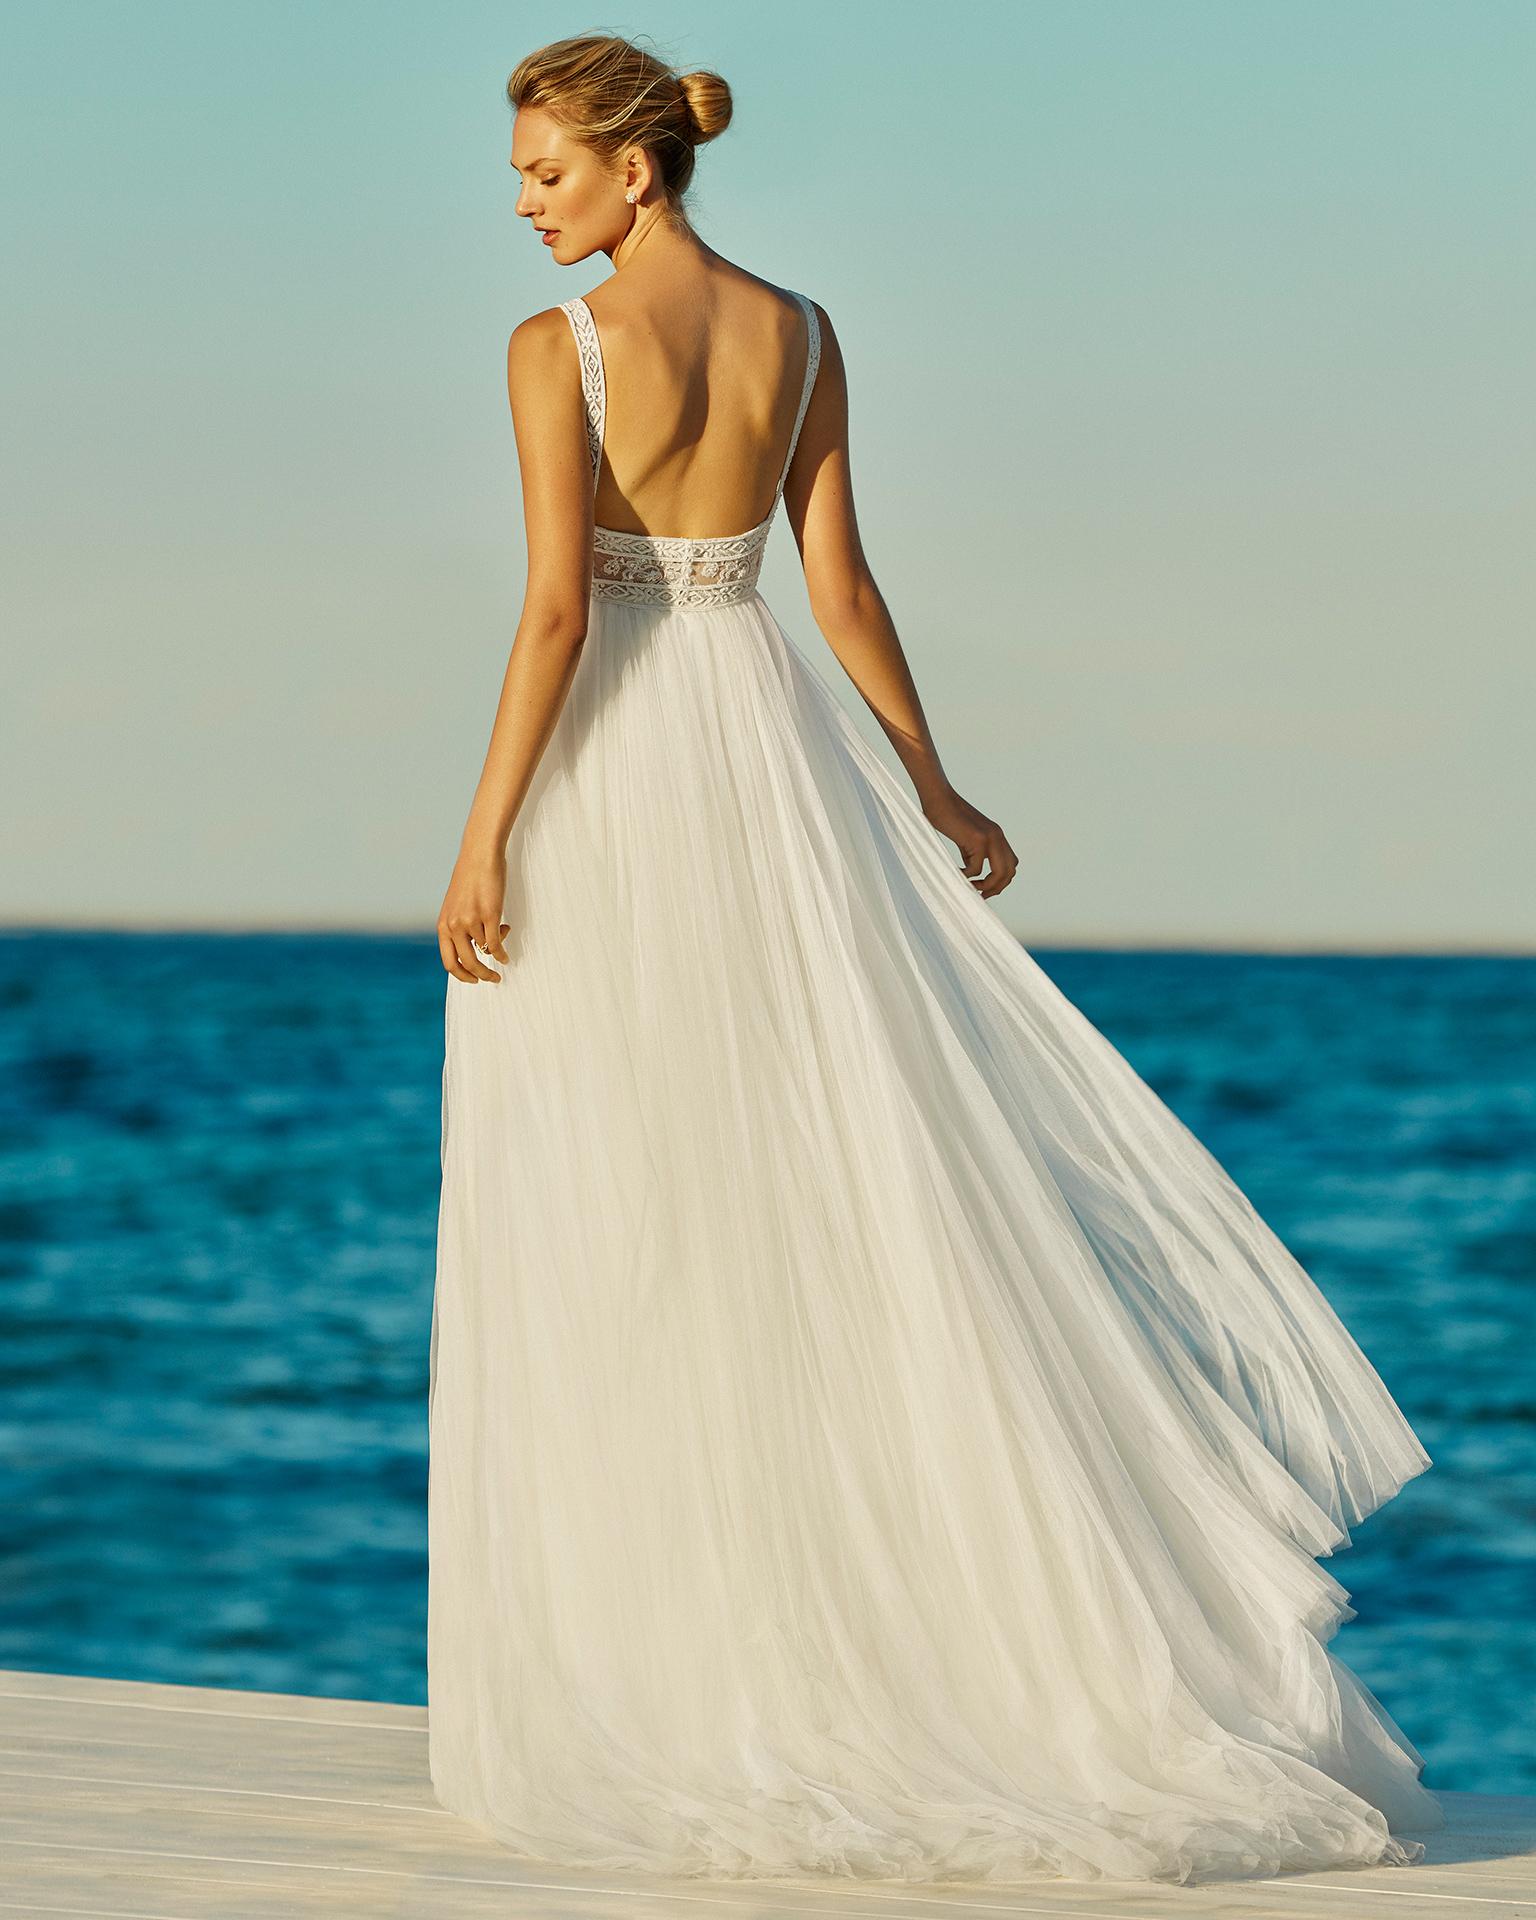 Robe de mariée style trapèze en tulle doux et dentelle avec pierreries. Col en V et décolleté dans le dos. Disponible en couleur naturelle. Collection AIRE BEACH WEDDING 2019.